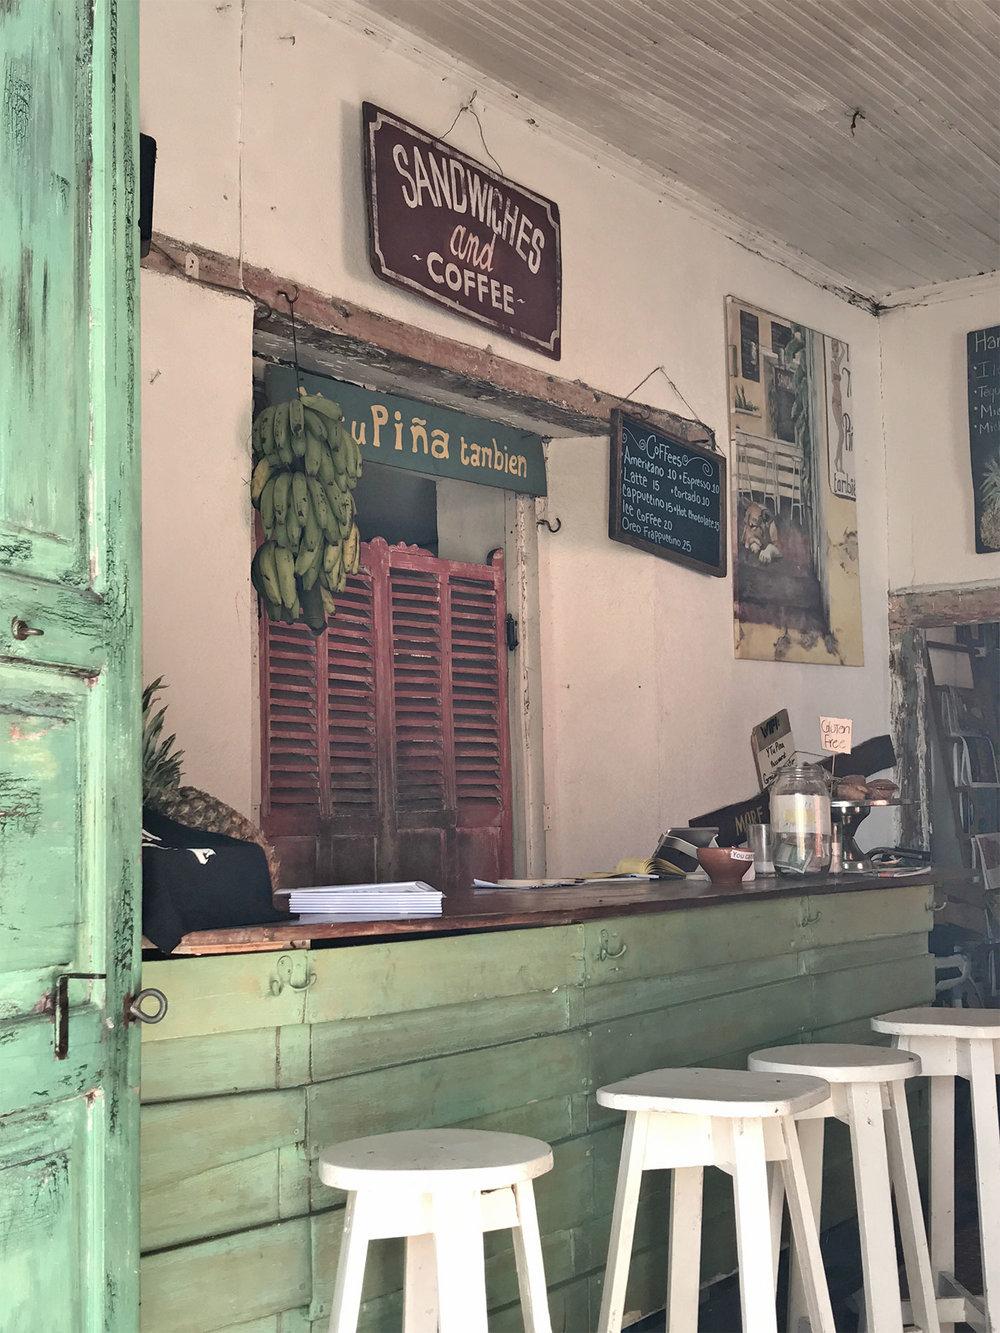 Antigua Guatemala Cafe